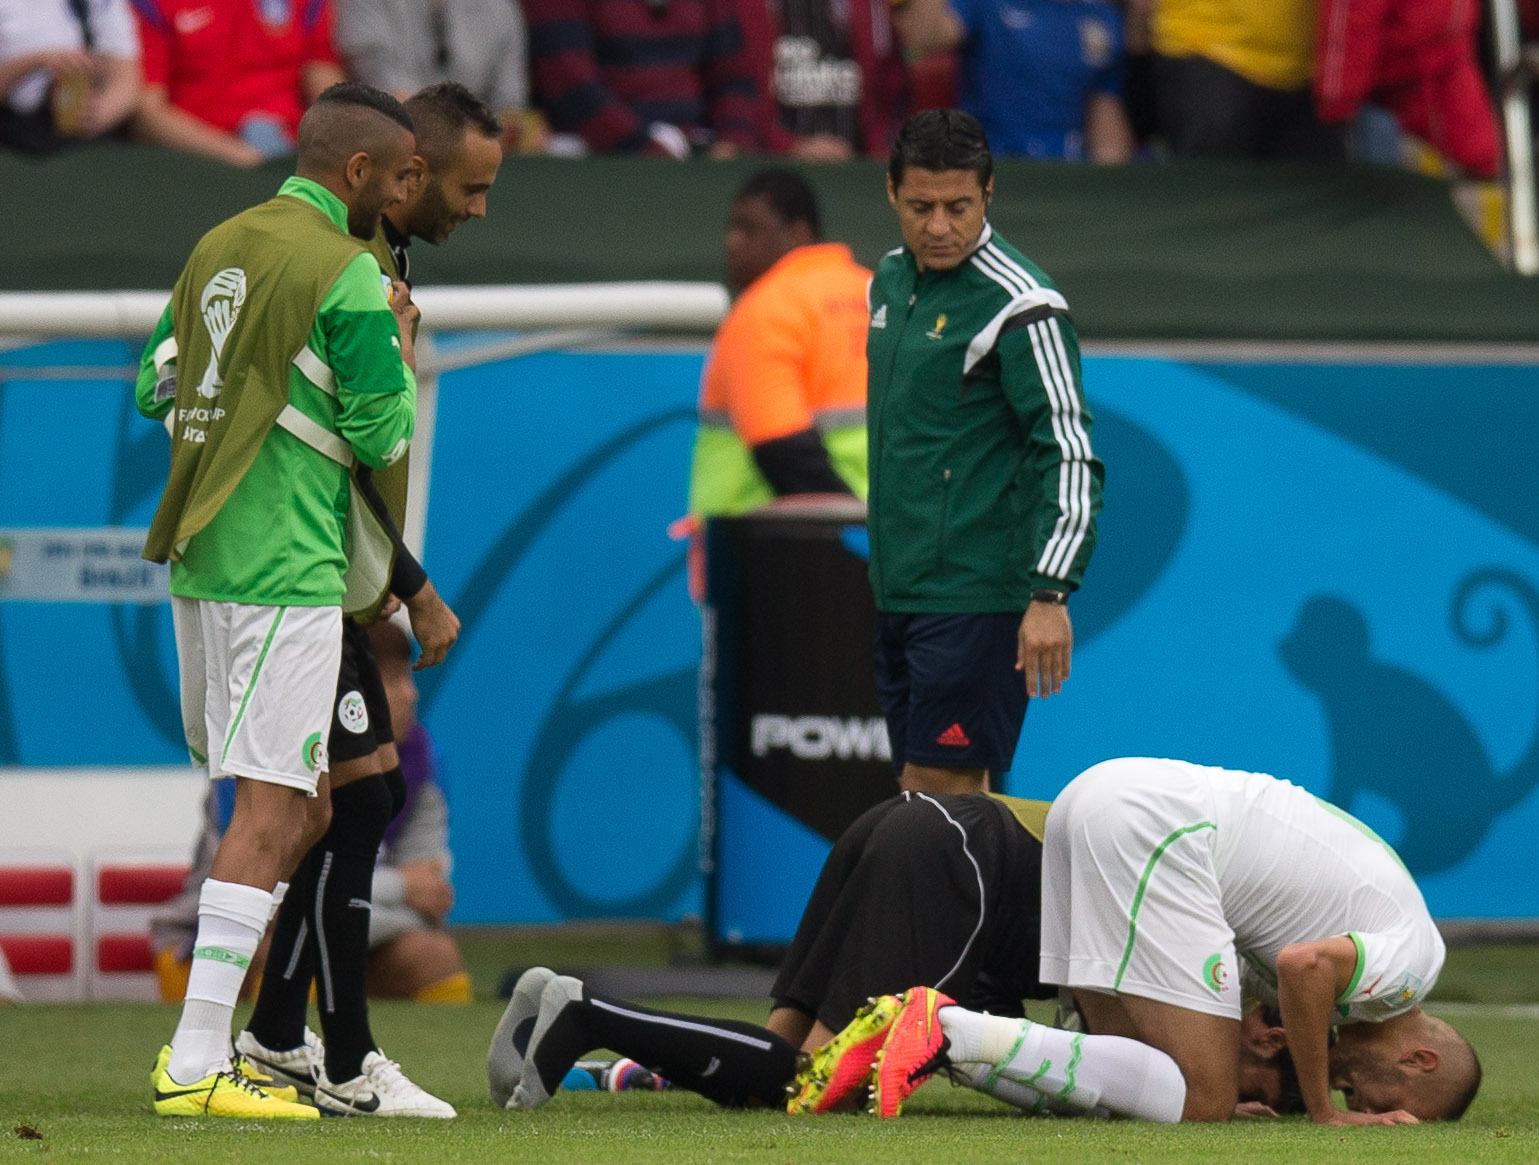 La coupe du monde 2014 en images jour 11 football - Jeux de football coupe du monde 2014 ...